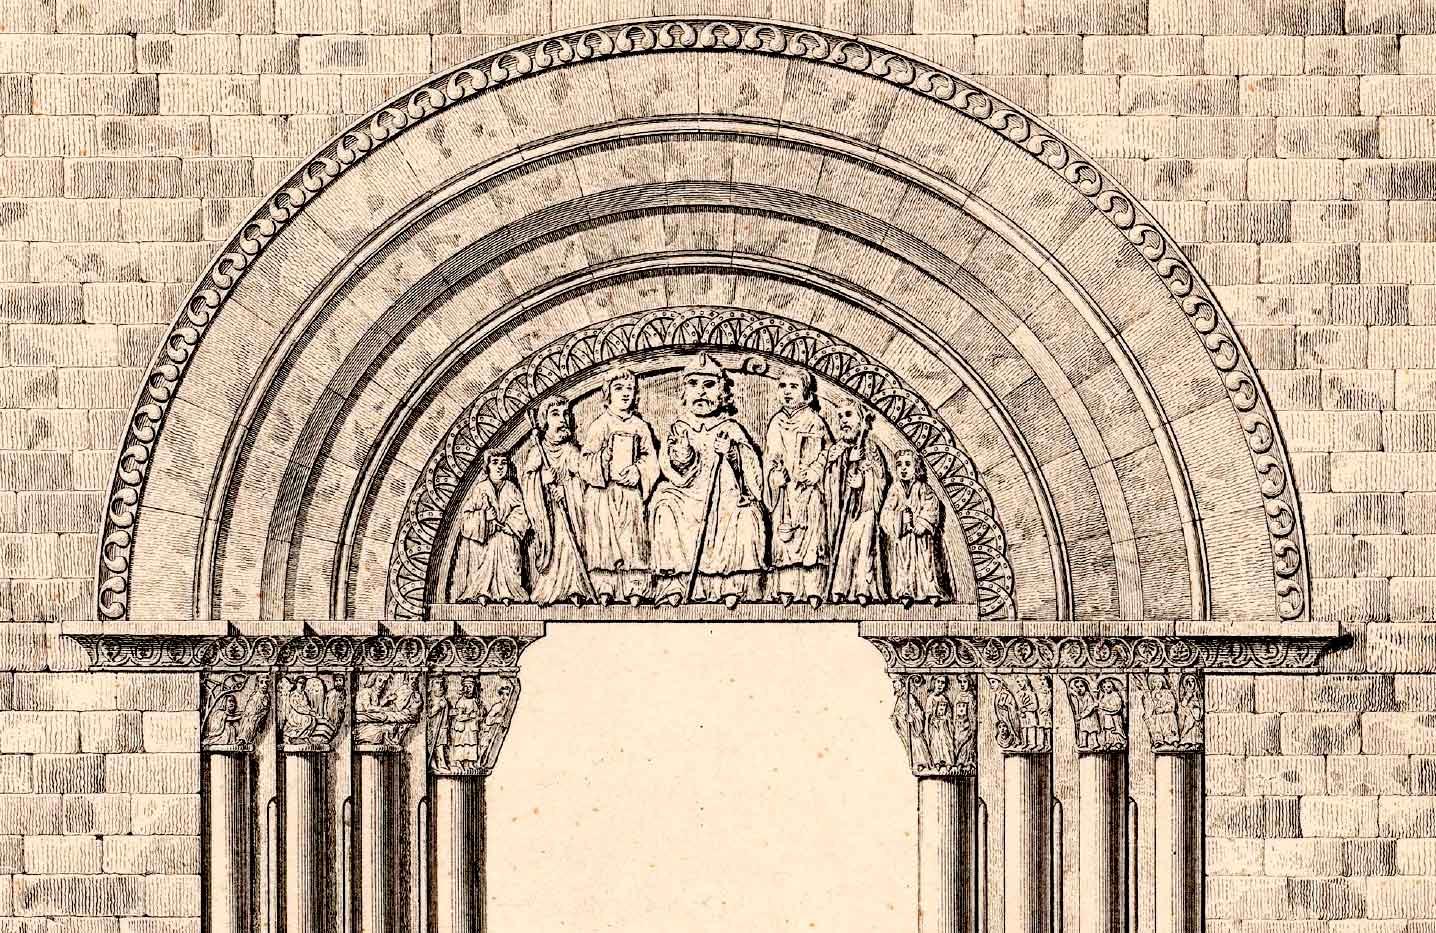 Dibujo de la portada según documento de la BNE